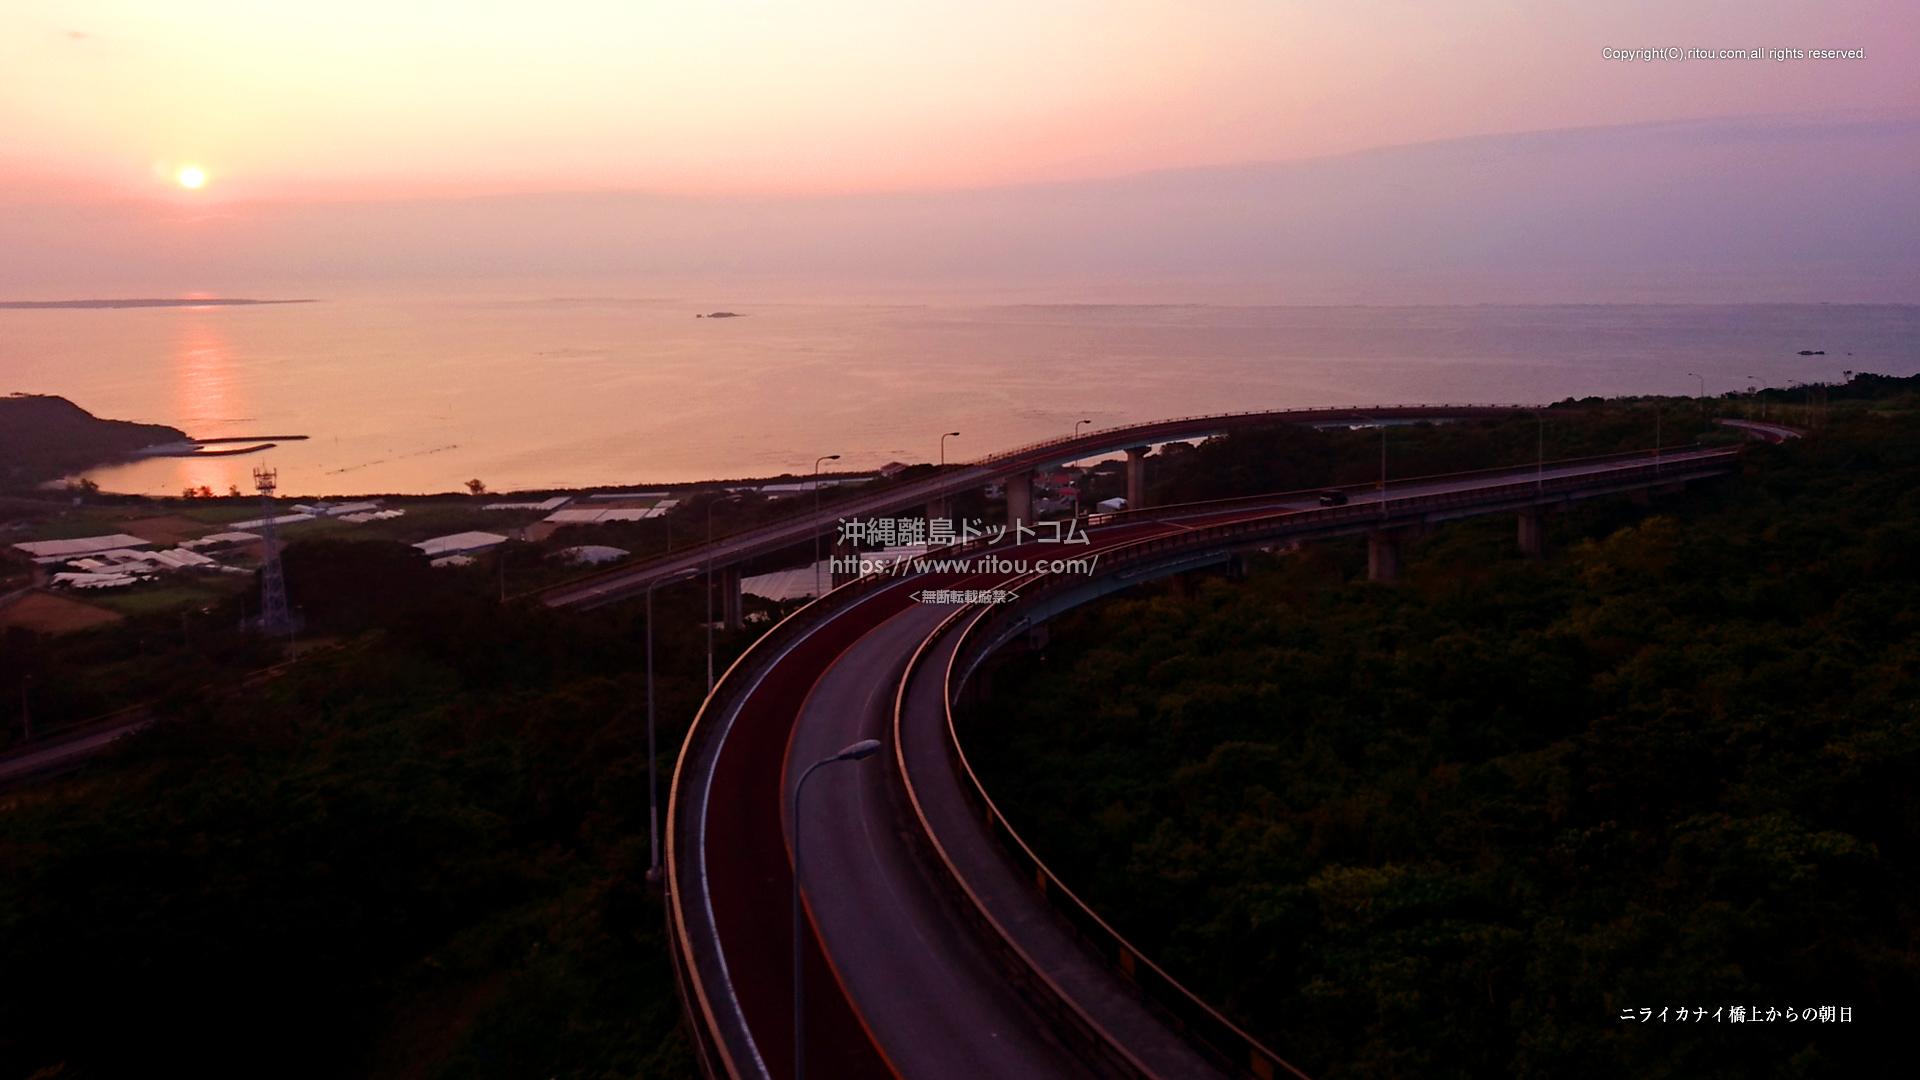 ニライカナイ橋上からの朝日